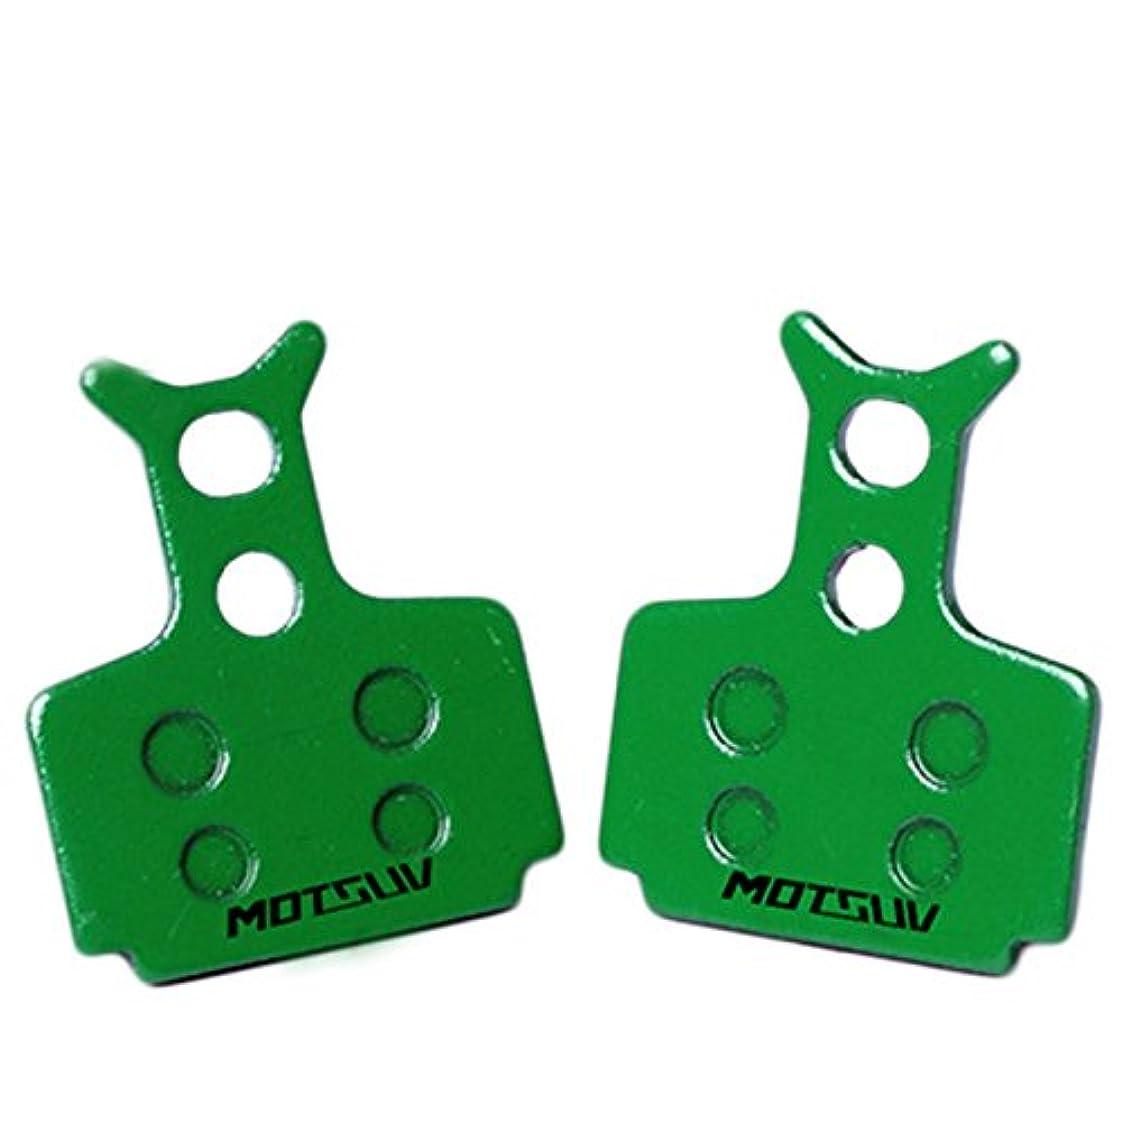 メッシュ相手事故Propenary - 油圧ディスクブレーキFORMULA / R1 / RX/ONEセラミックディスクブレーキパッド自転車部品の自転車セラミックディスクブレーキパッド